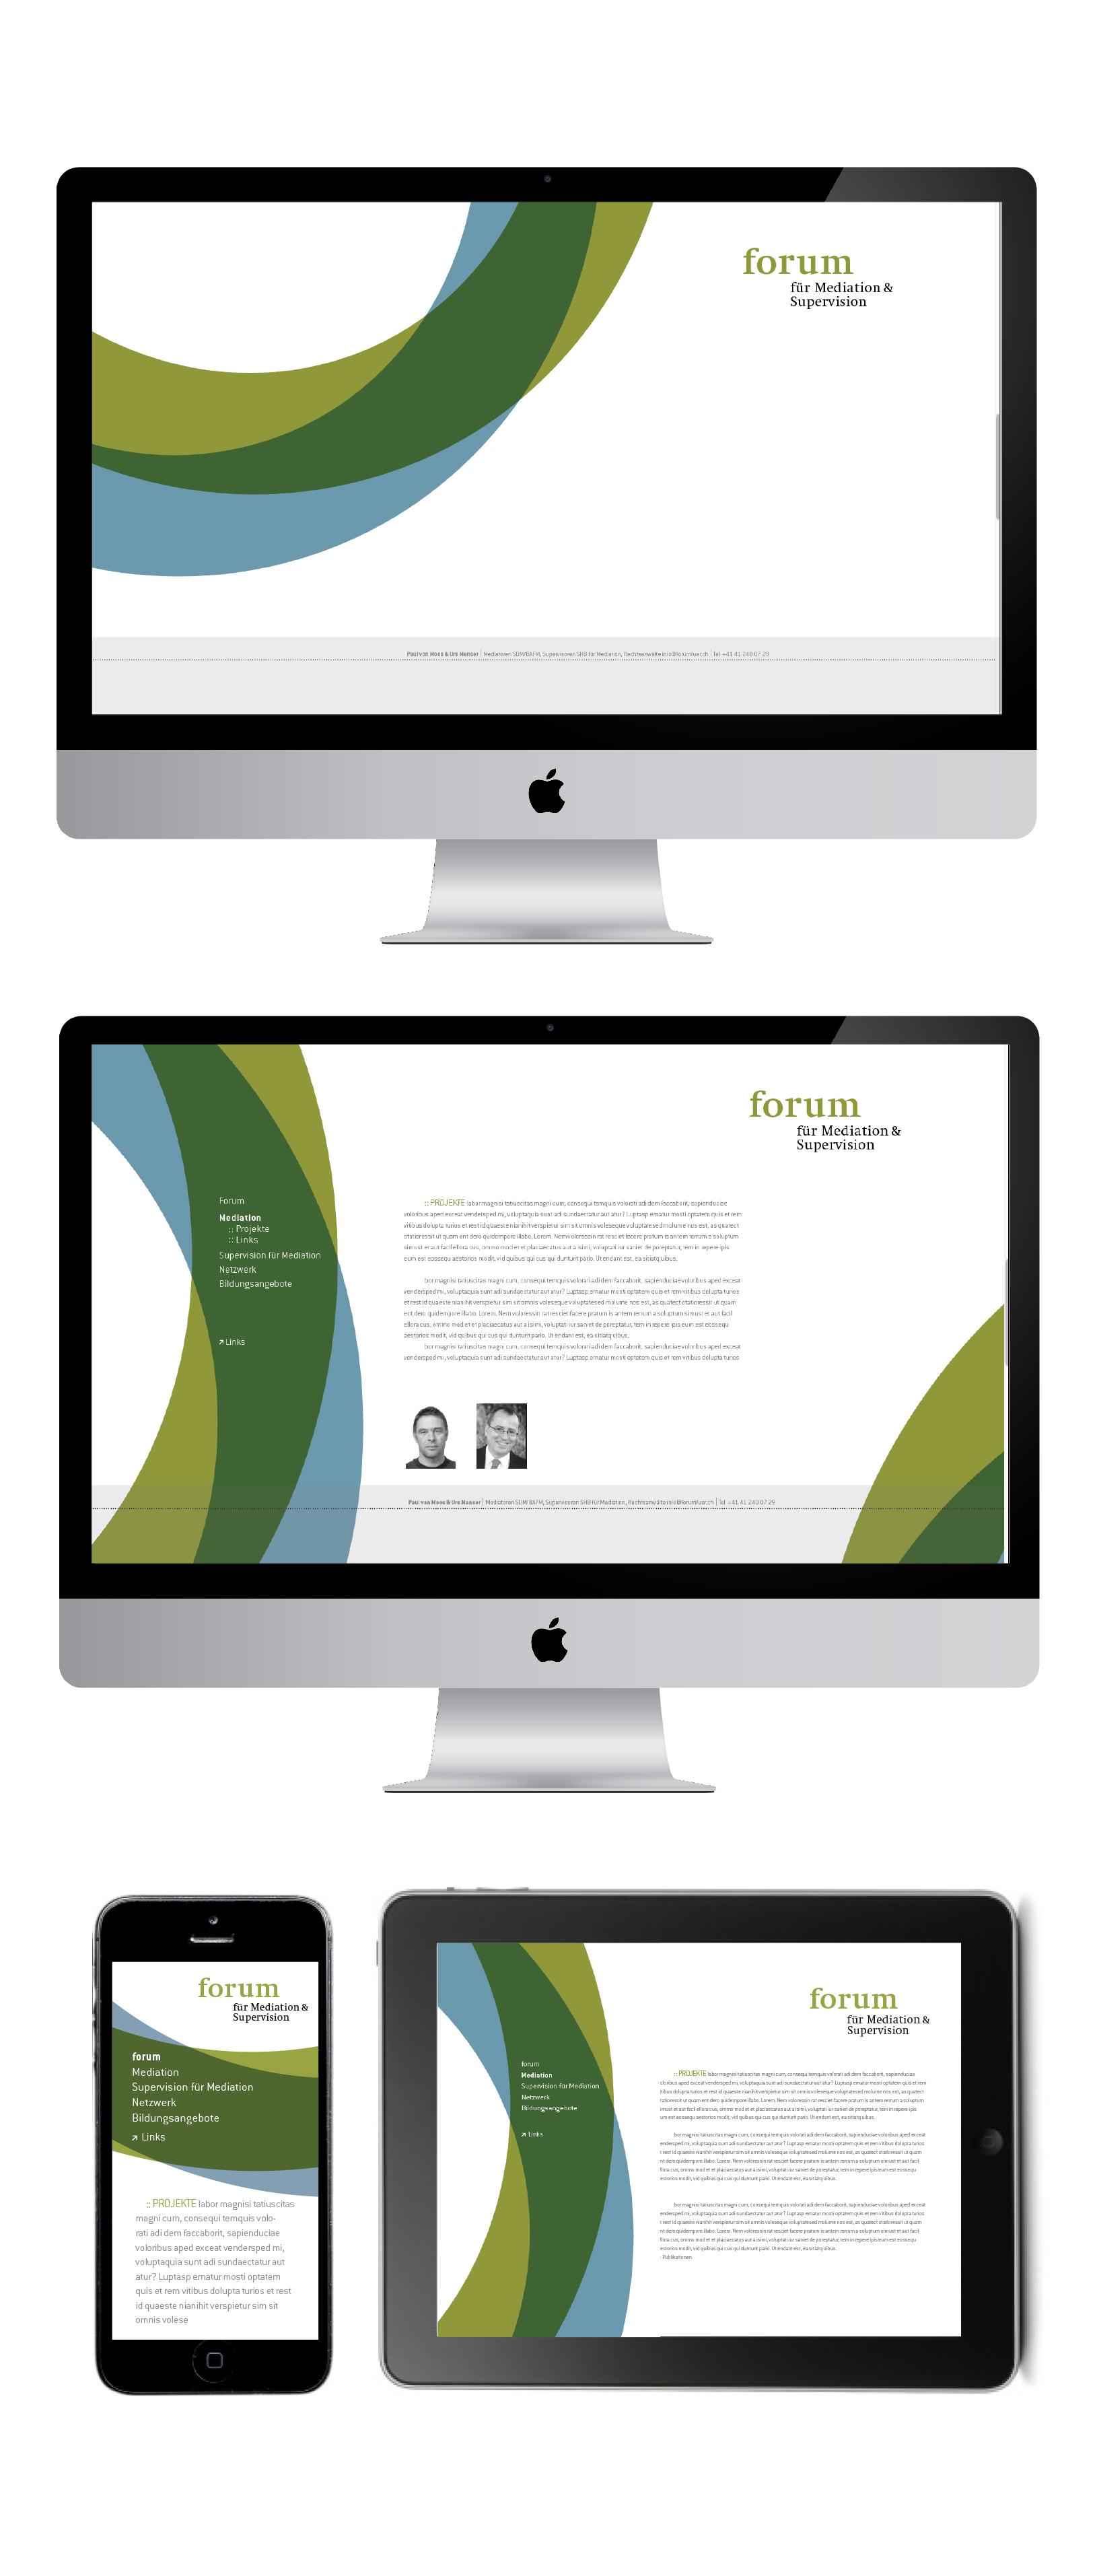 Forum für Mediation